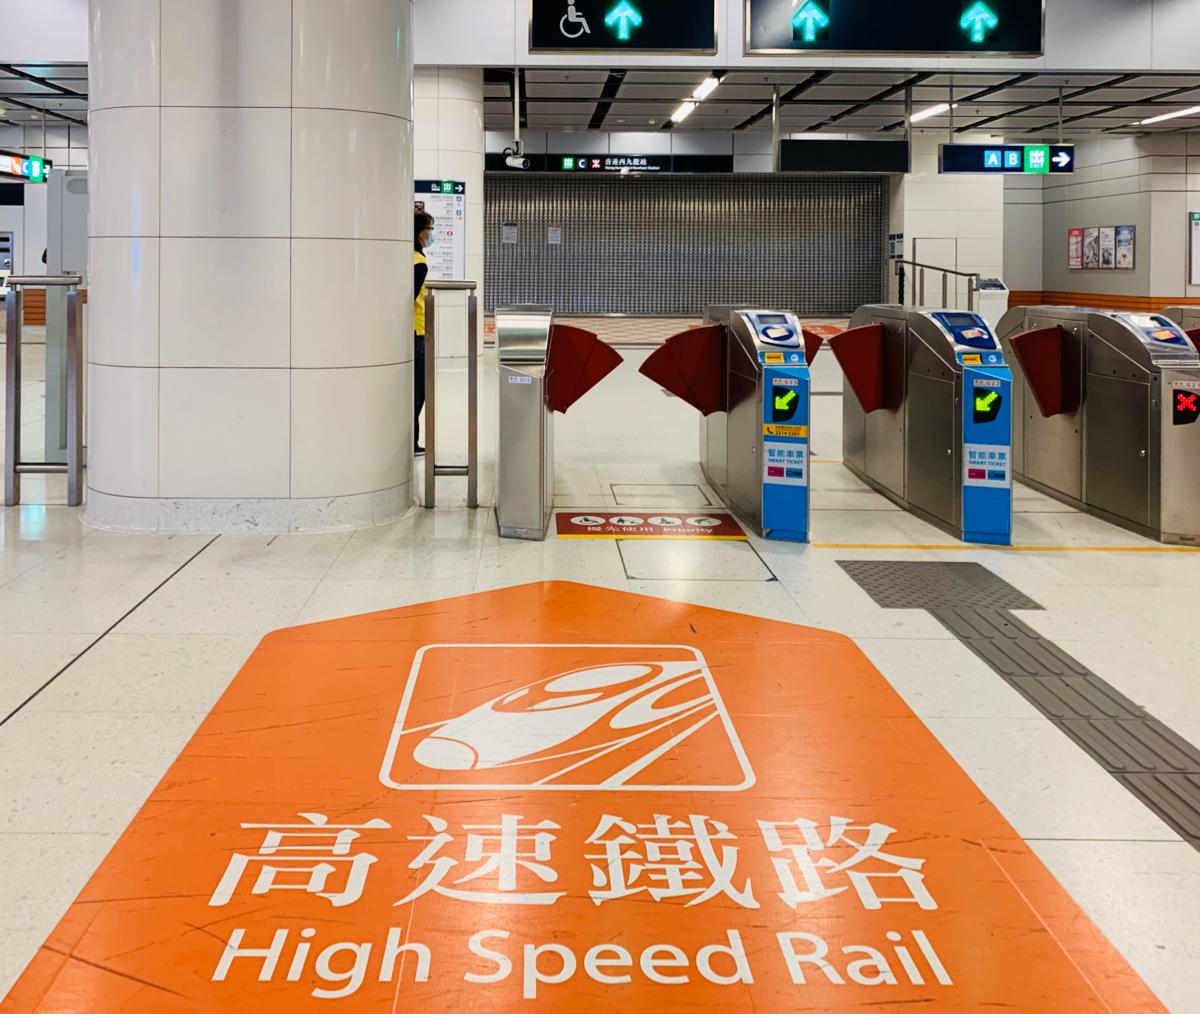 中国と香港を結ぶ高速鉄道の廣深港高速鐵路が運休になった